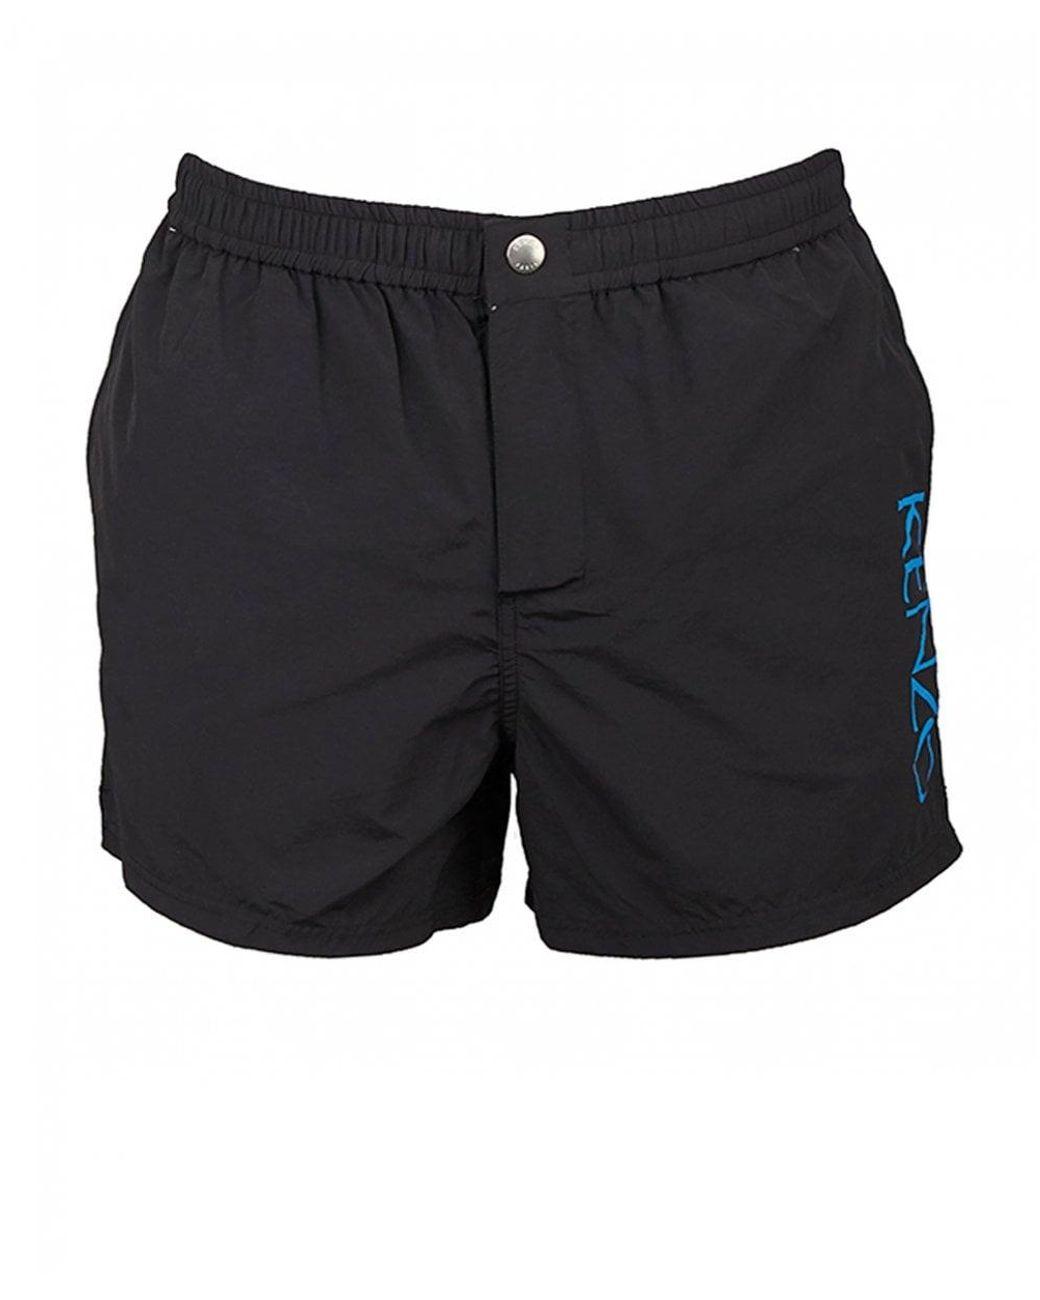 45e725e5 KENZO Side Logo Swim Shorts in Black for Men - Lyst